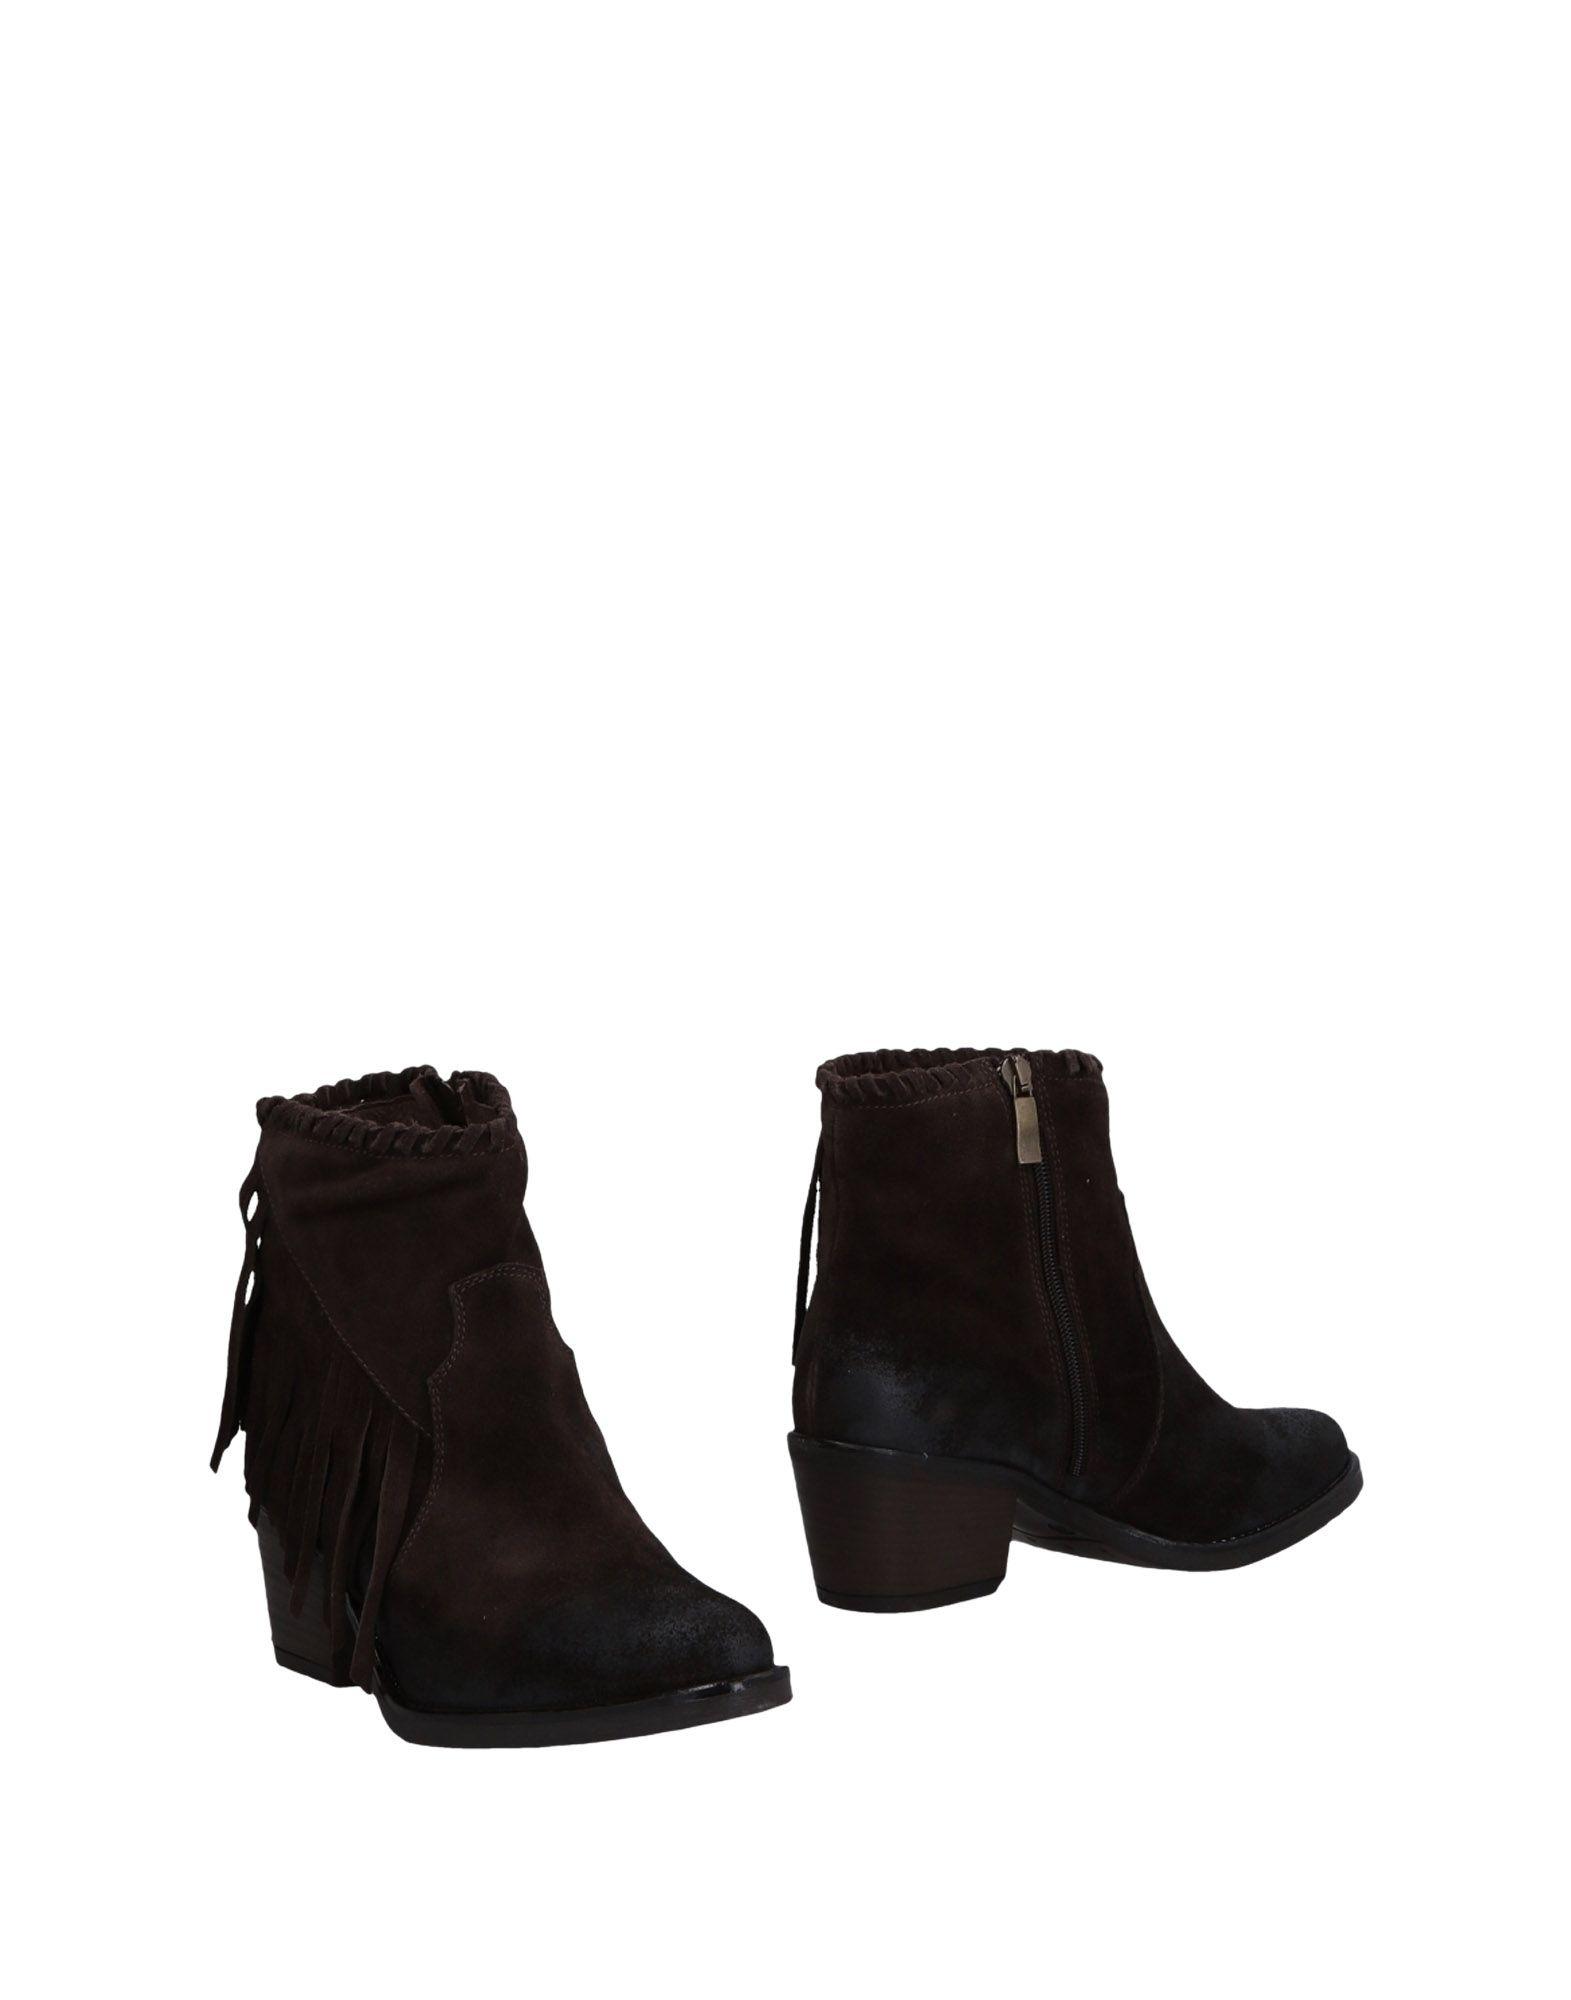 Mally Stiefelette Damen  11473269TR Gute Qualität beliebte Schuhe